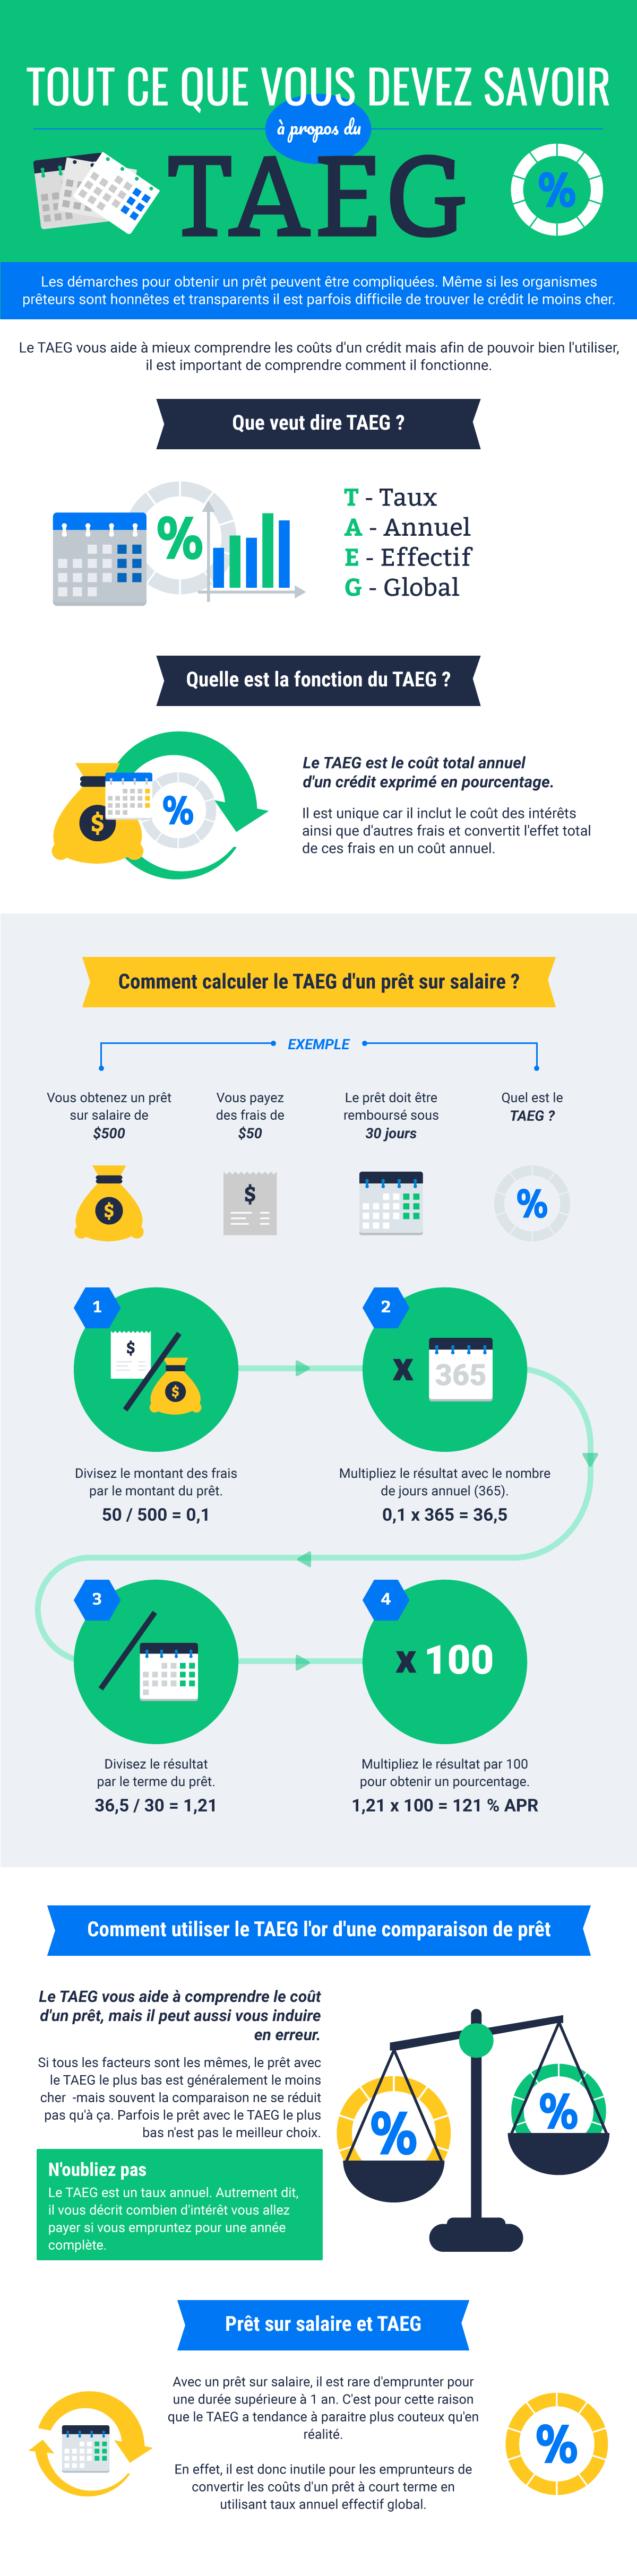 Tout ce que vous devez savoir à propos du TAEG